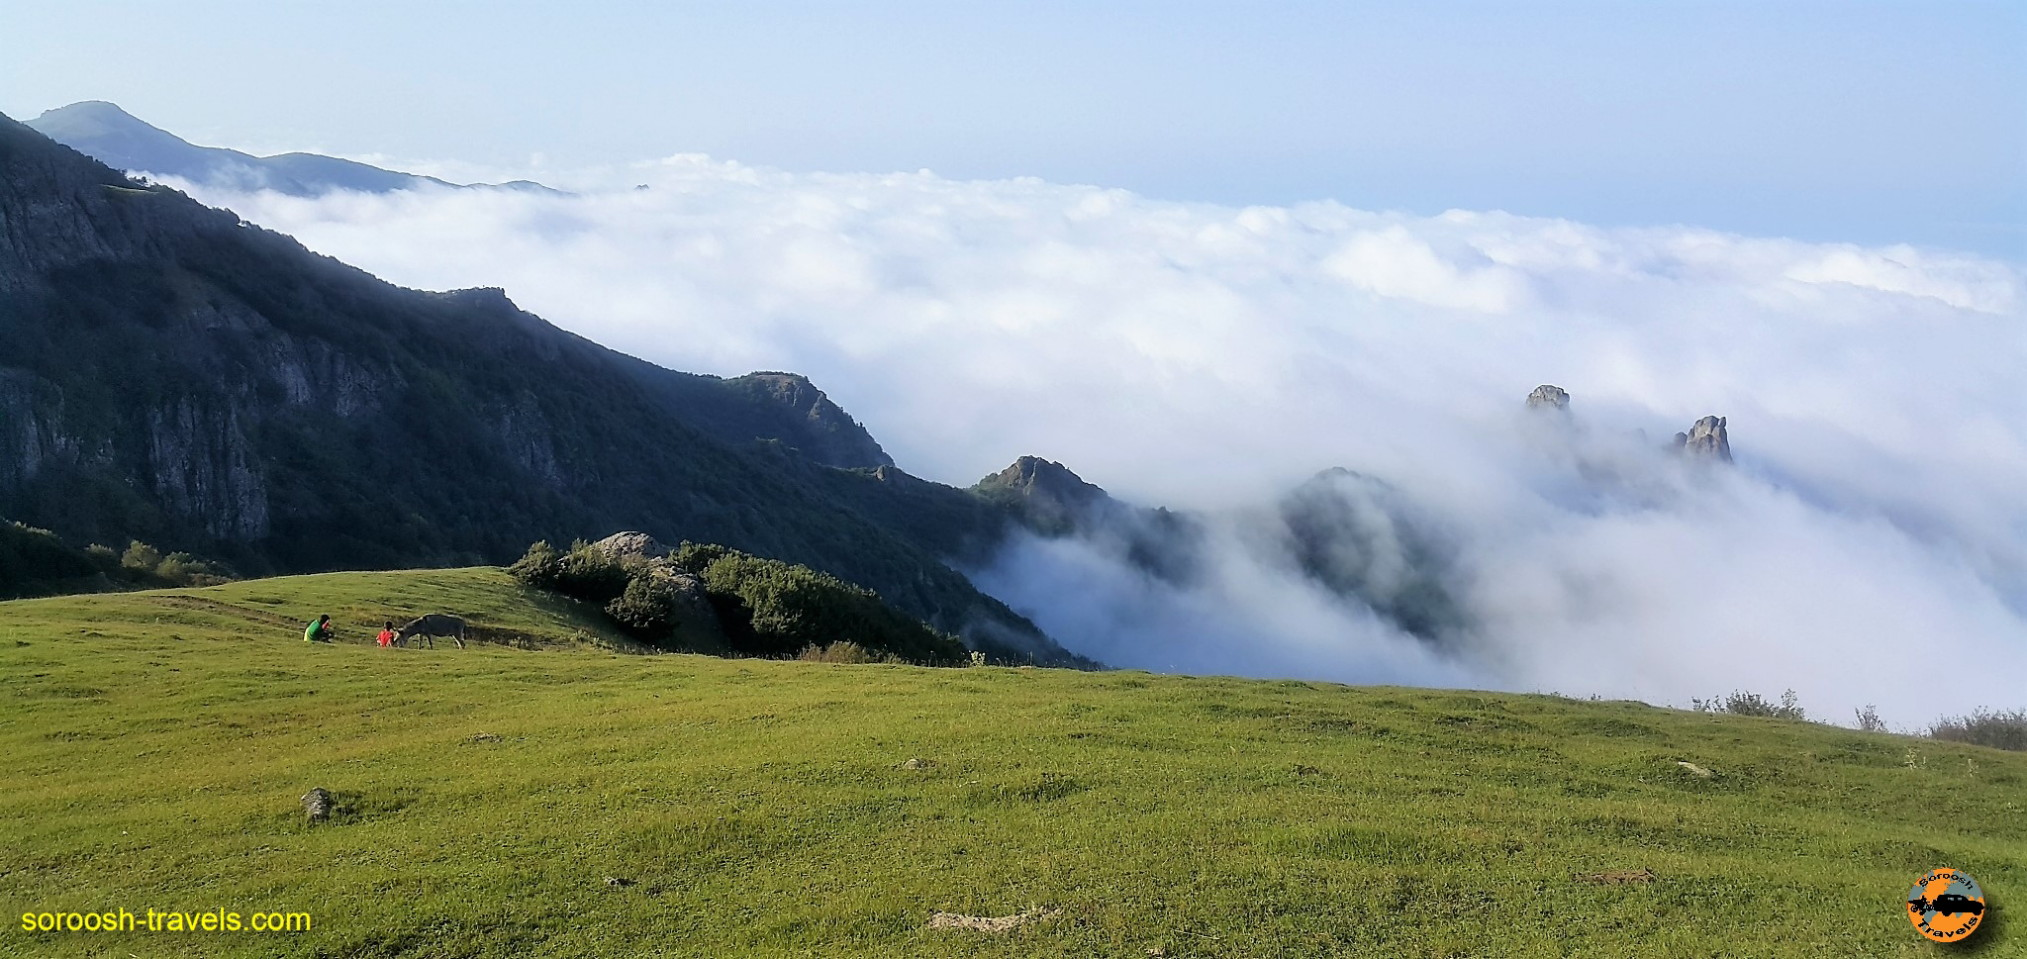 آرامش بر فراز ابرها - تابستان ۱۳۹۶